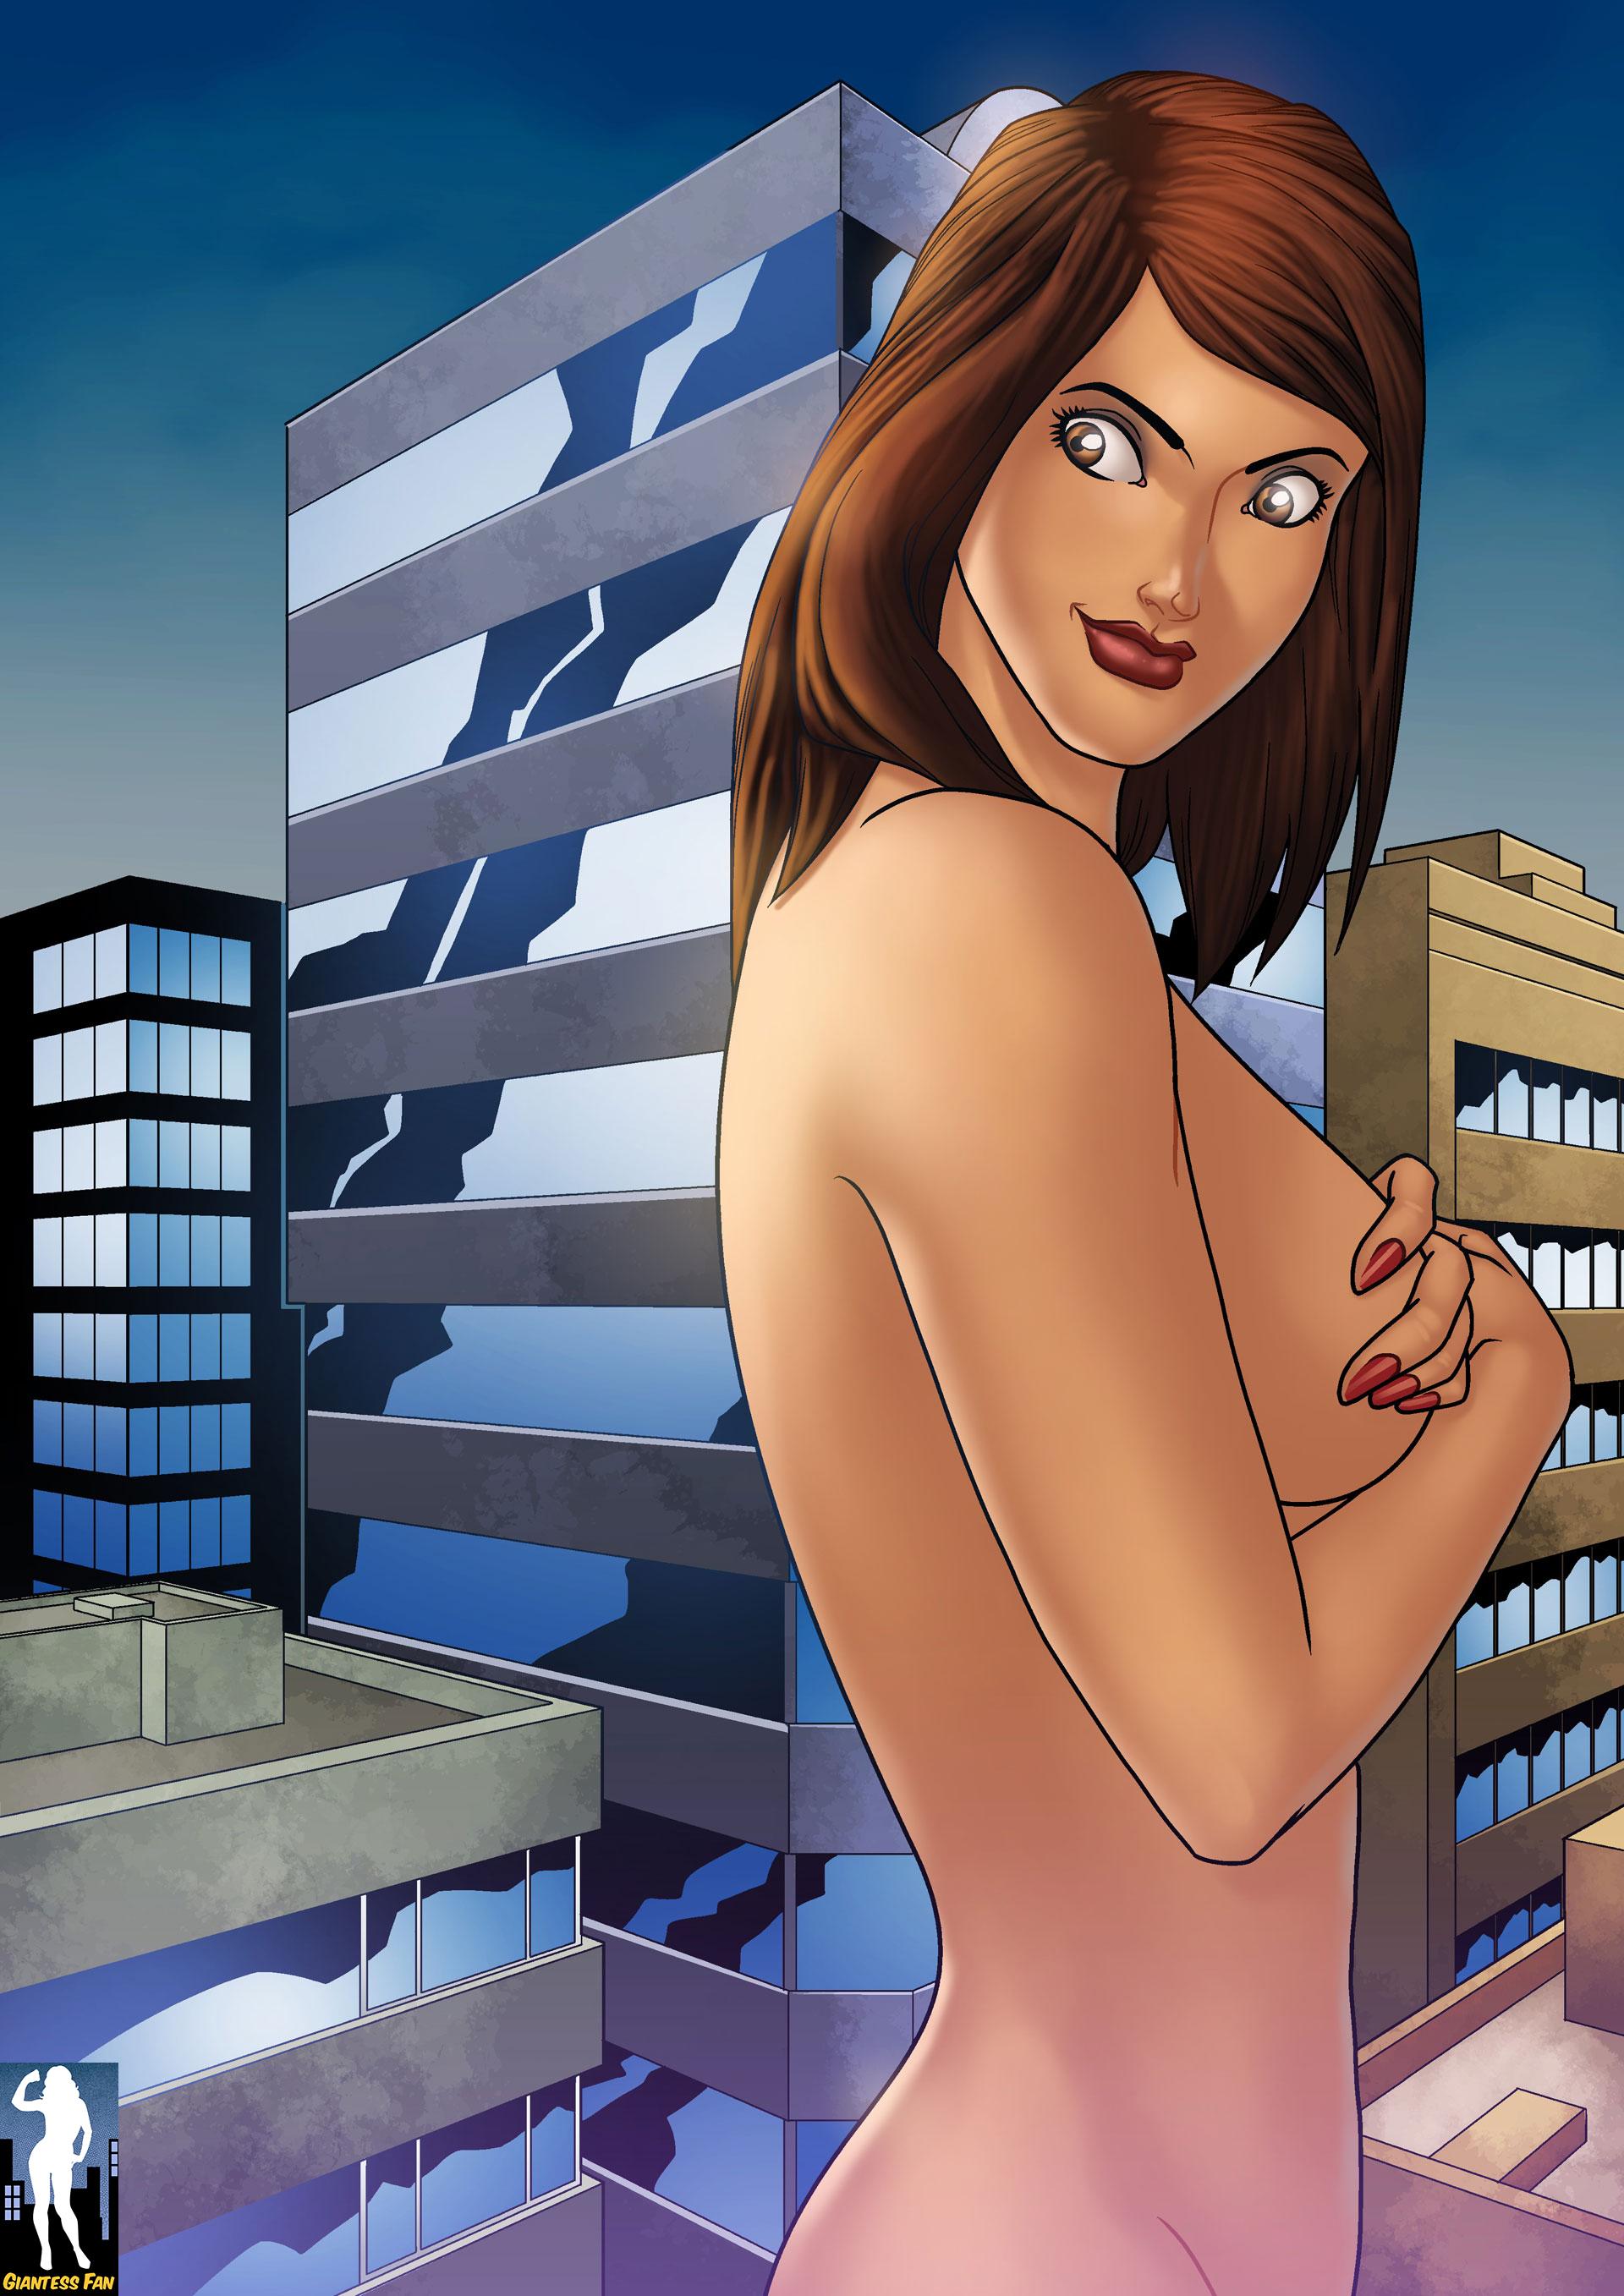 Page 10 - WDCT 1 - Giantess Fan Comic by giantess-fan-comics